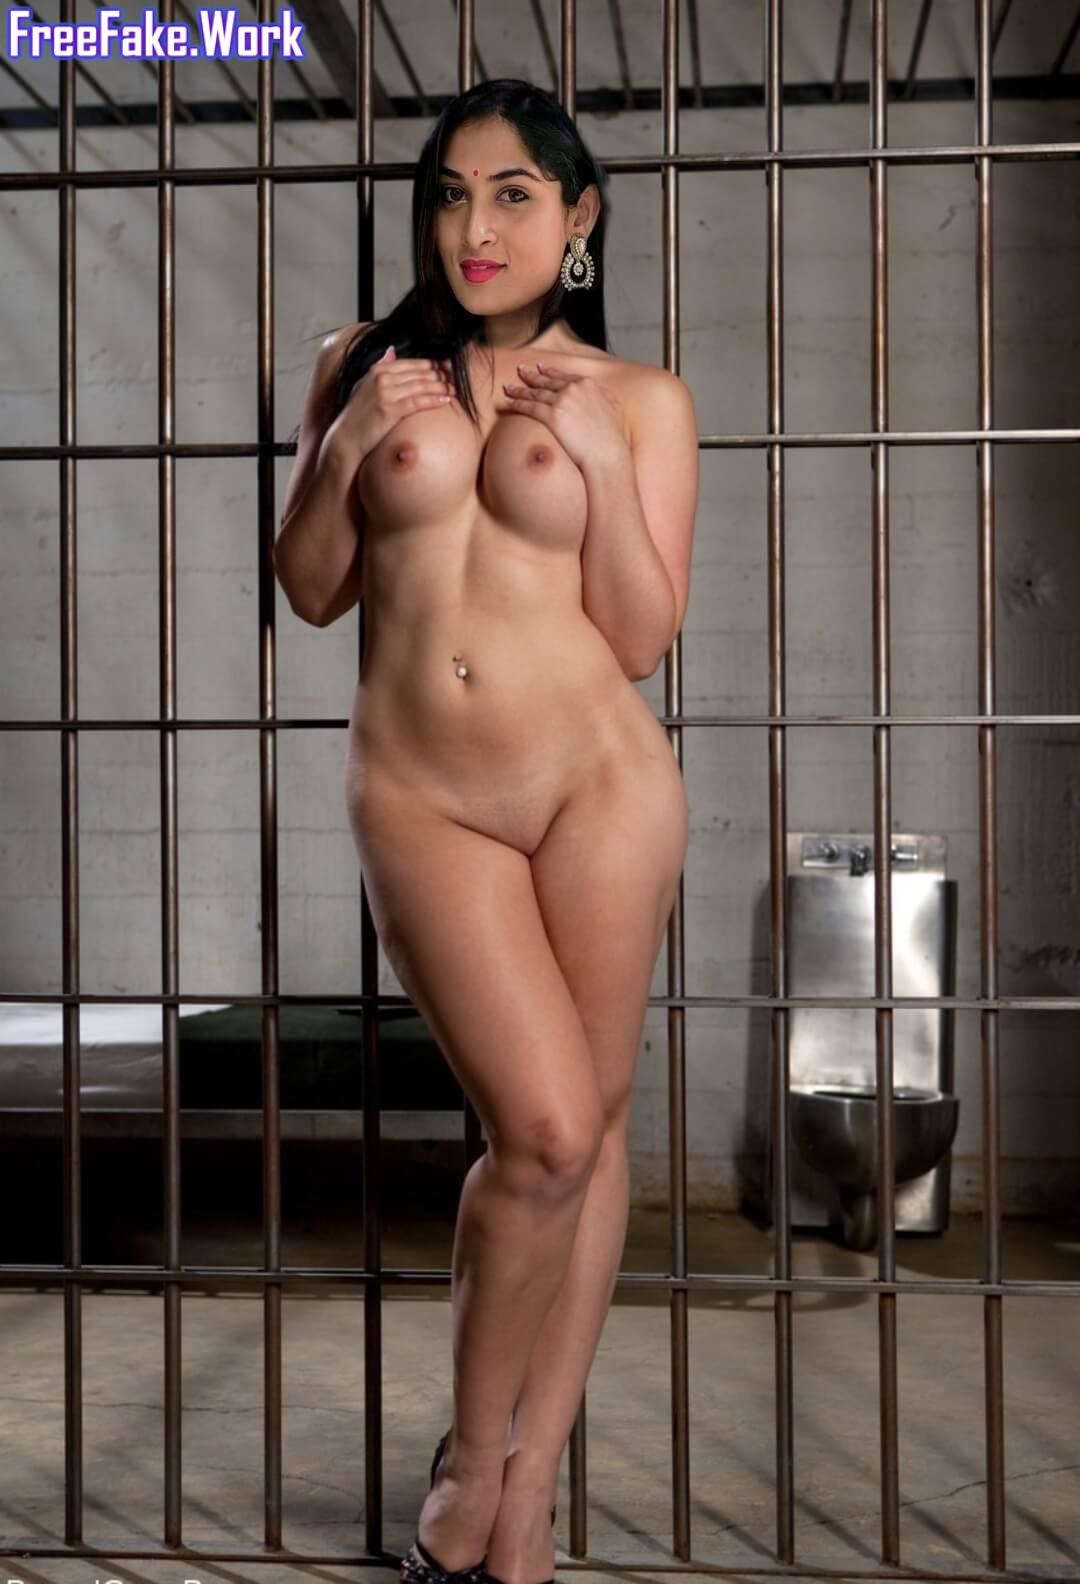 moksha-khoshal-full-nude-pose-naked-sexy-body-xxx-porn.jpg